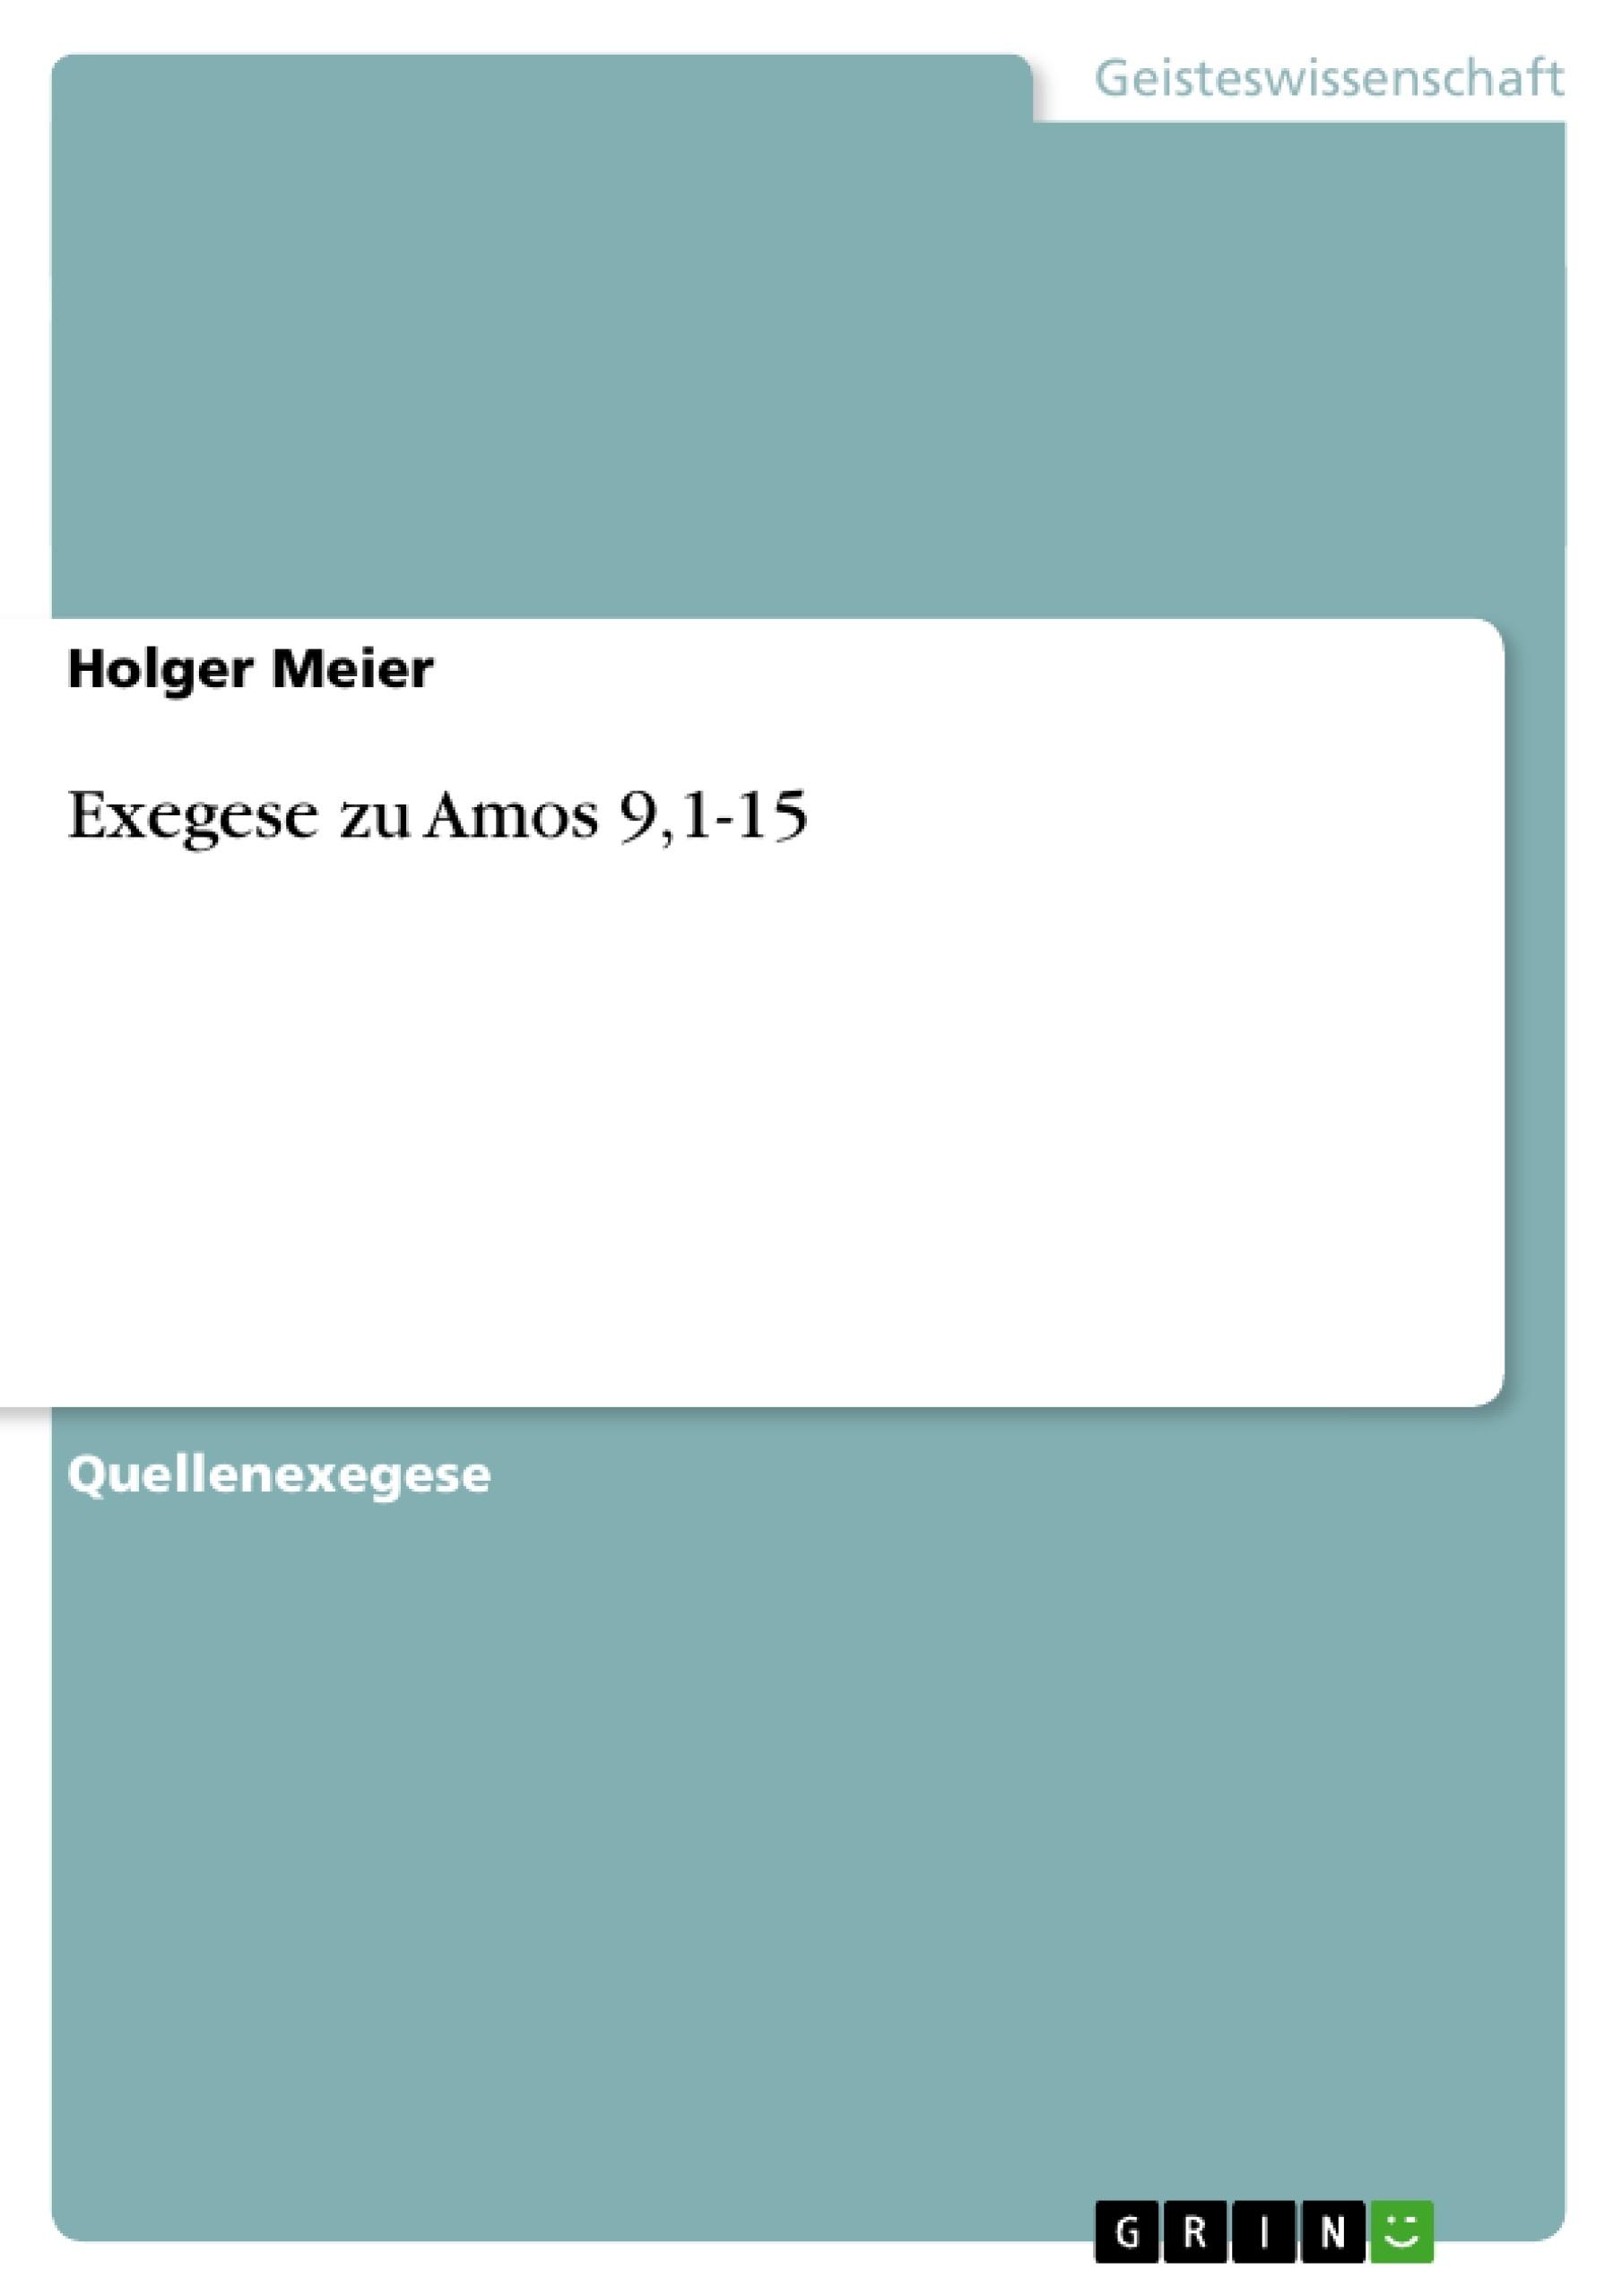 Titel: Exegese zu Amos 9,1-15